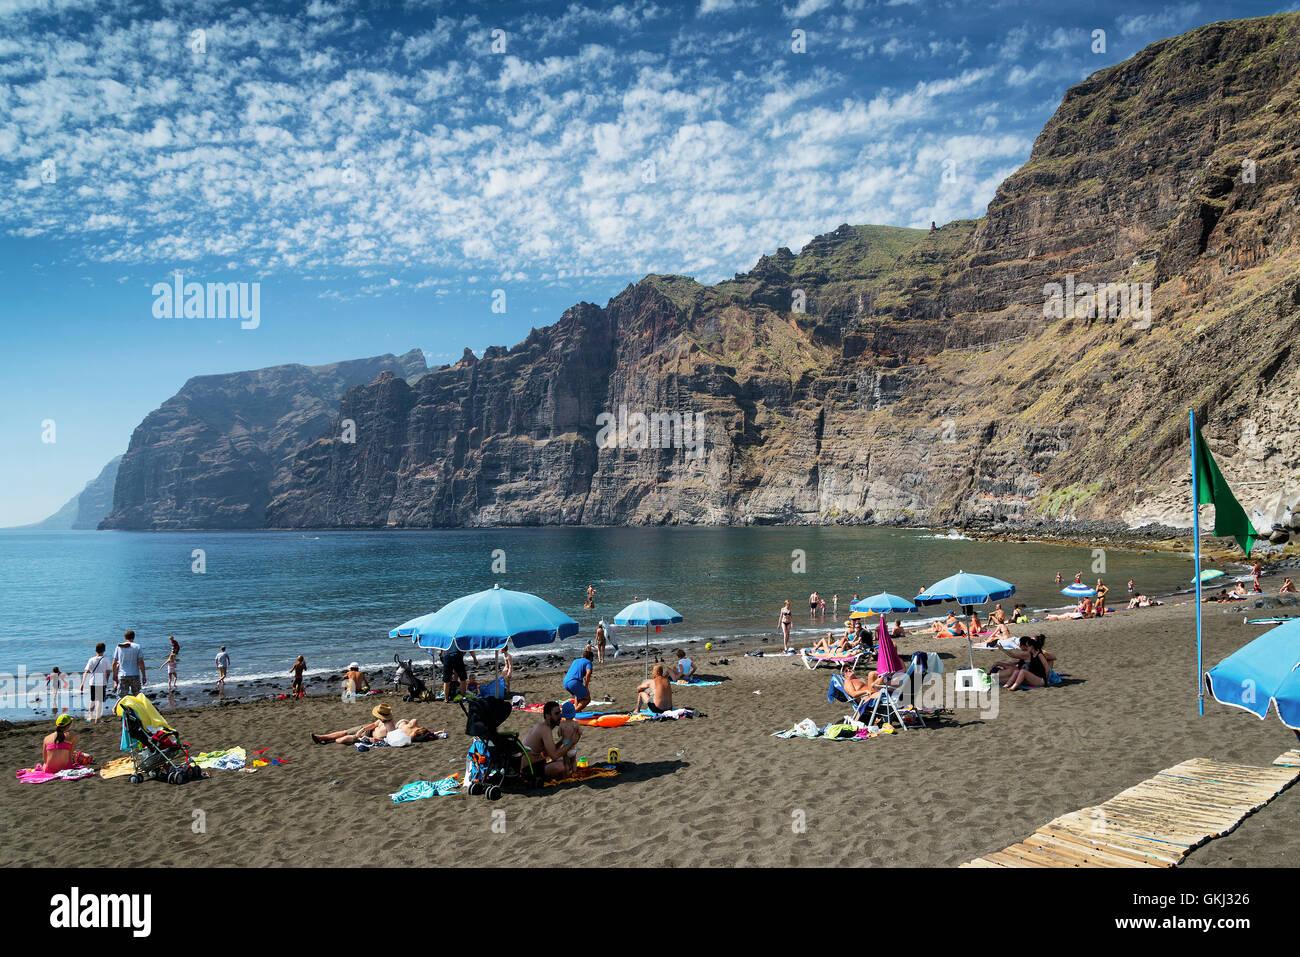 Acantilados de los gigantes a los turistas en la playa de arena negra volcánica hito natural en el sur de la Imagen De Stock